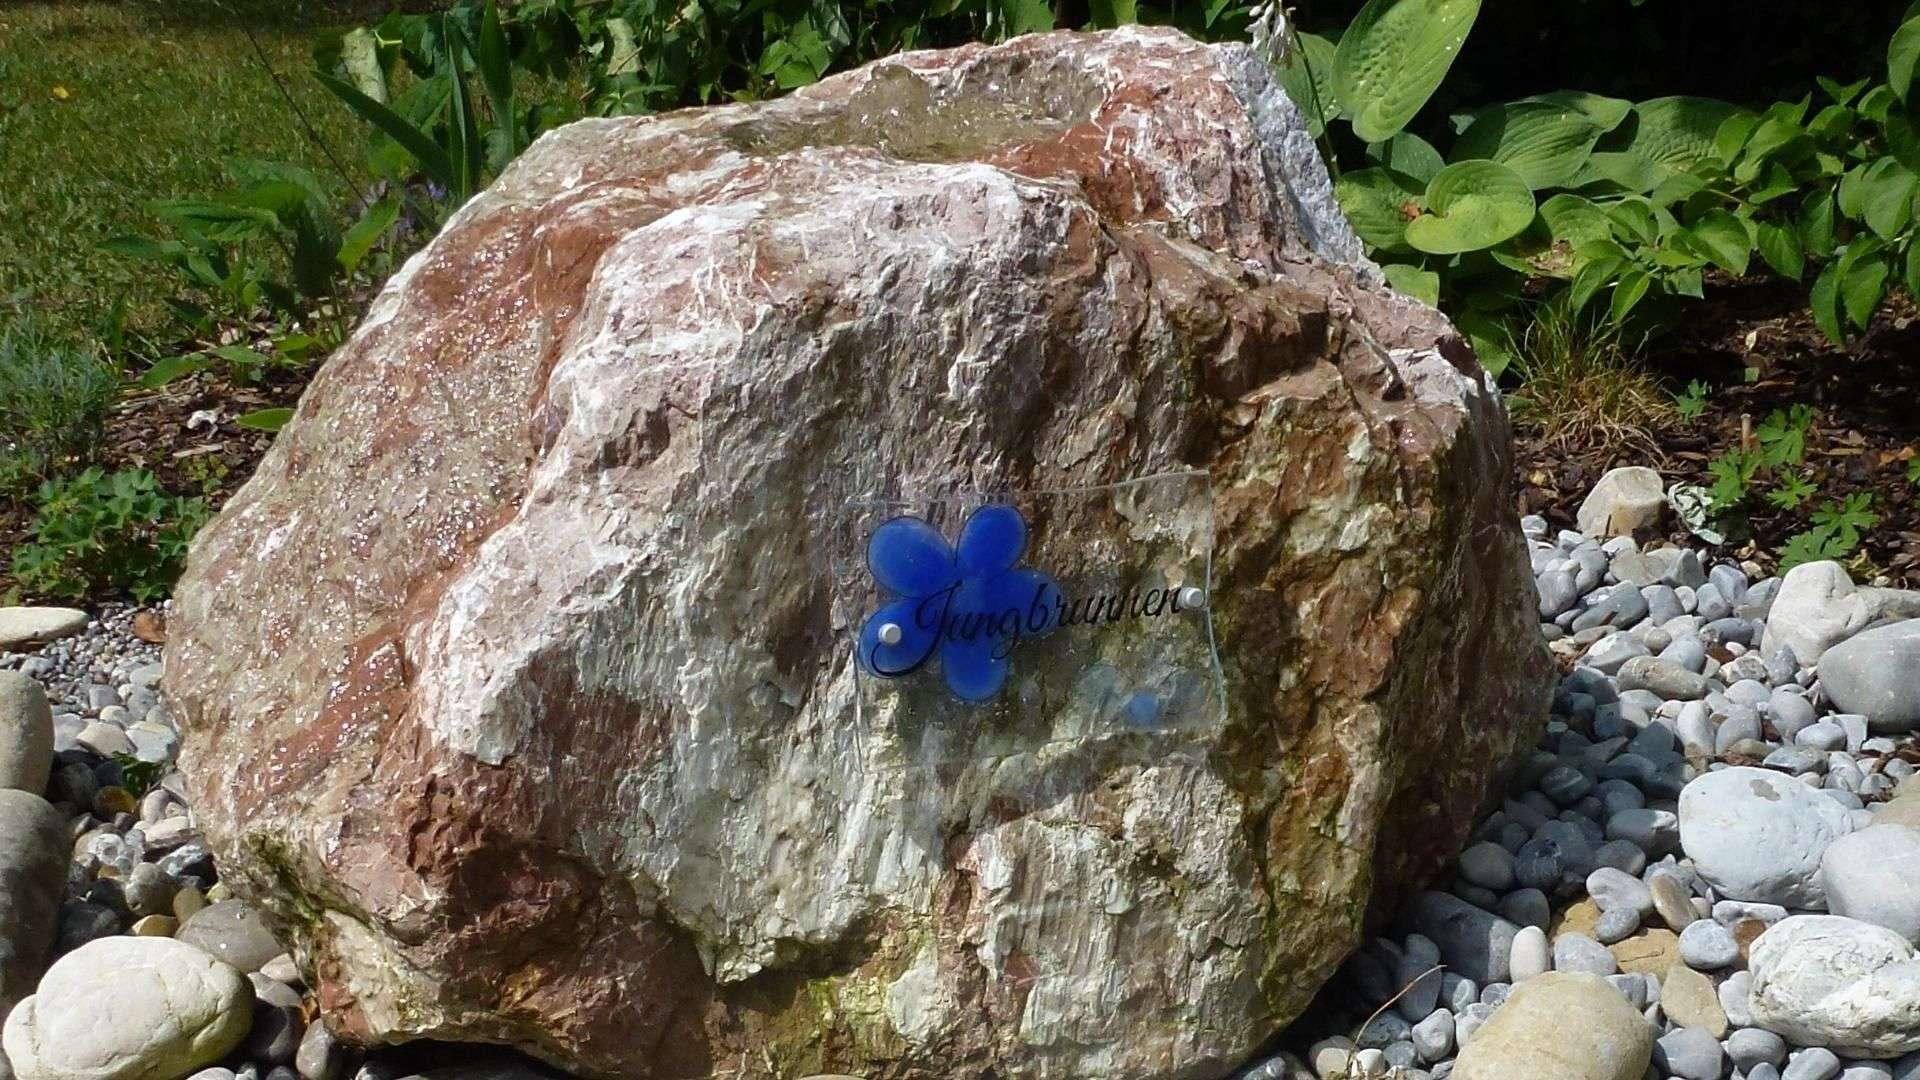 Jungbrunnen der Blauen Blume in Kaufbeuren